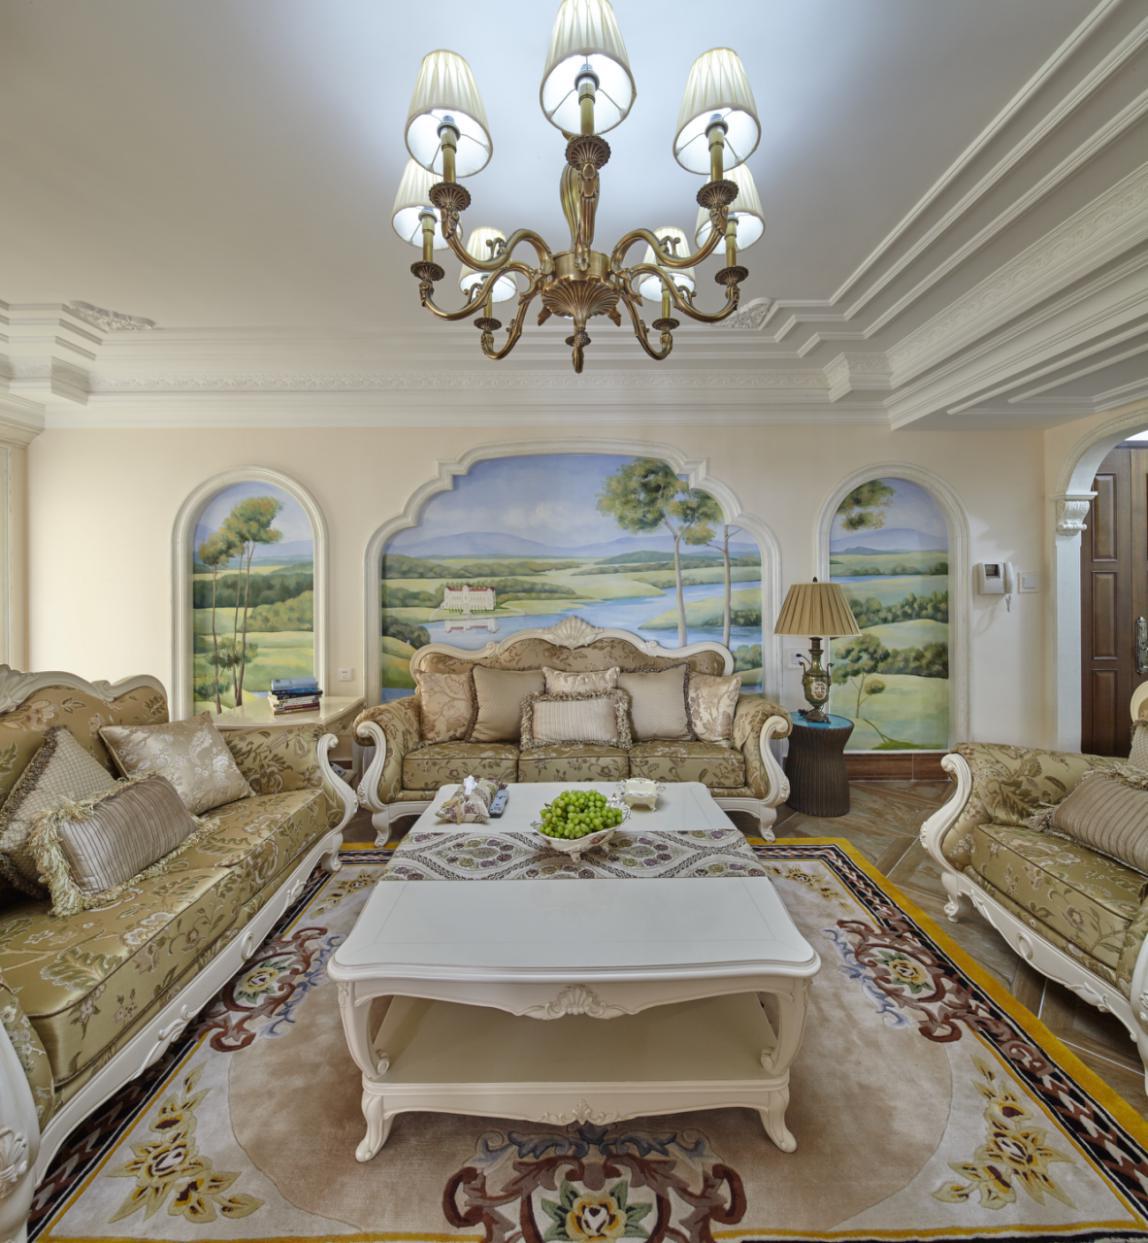 欧式四居室装修沙发背景墙图片